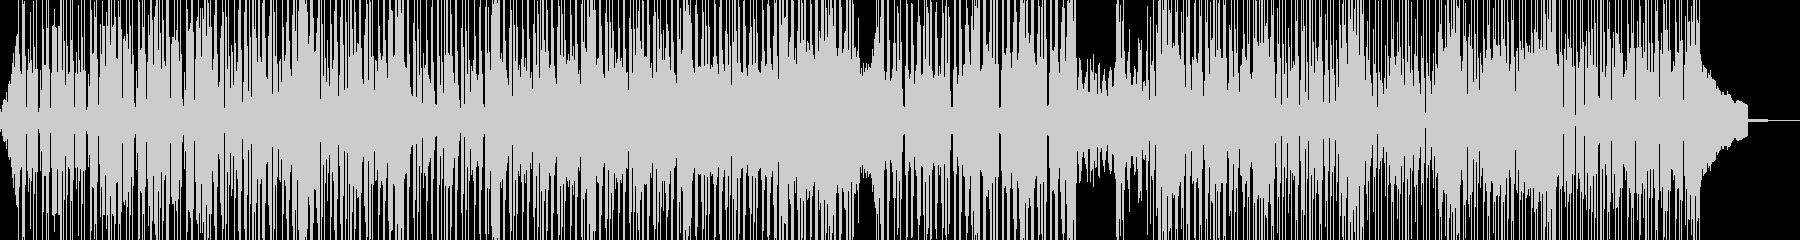 夏バテ(×ω×)無気力ポップ 表拍子Aの未再生の波形